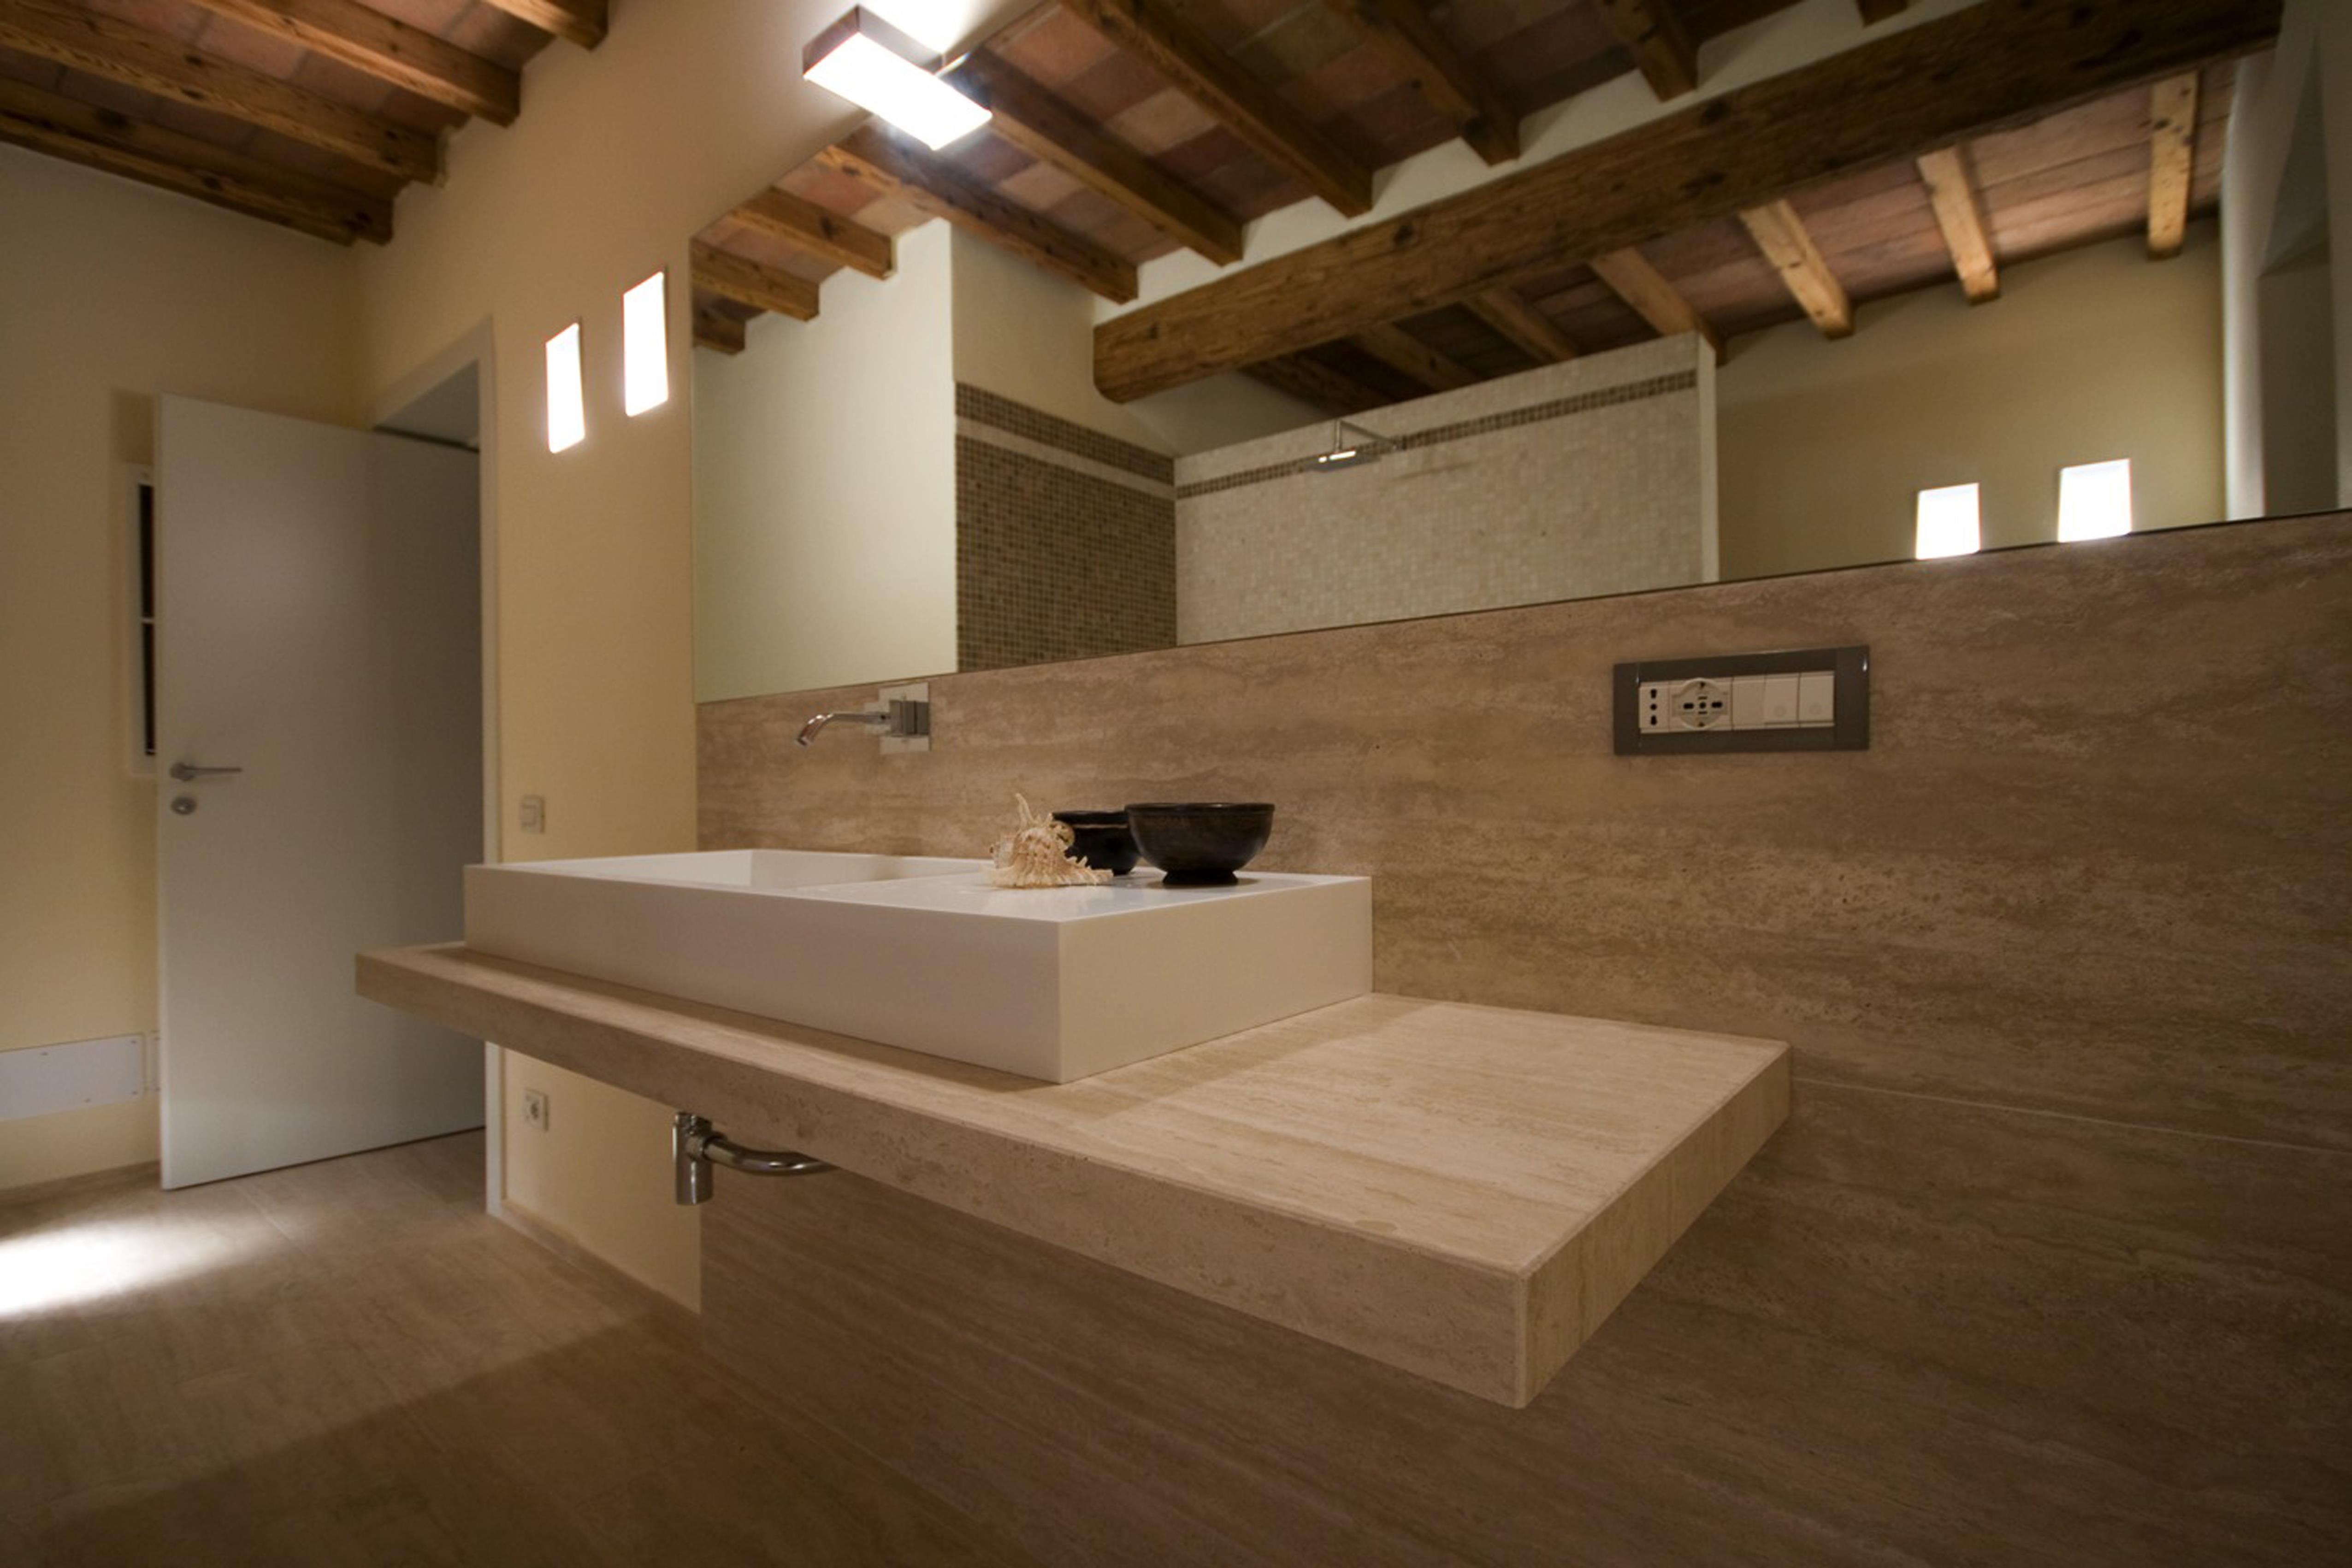 bagni moderni in marmo | sweetwaterrescue - Arredo Bagno Moderno In Marmo